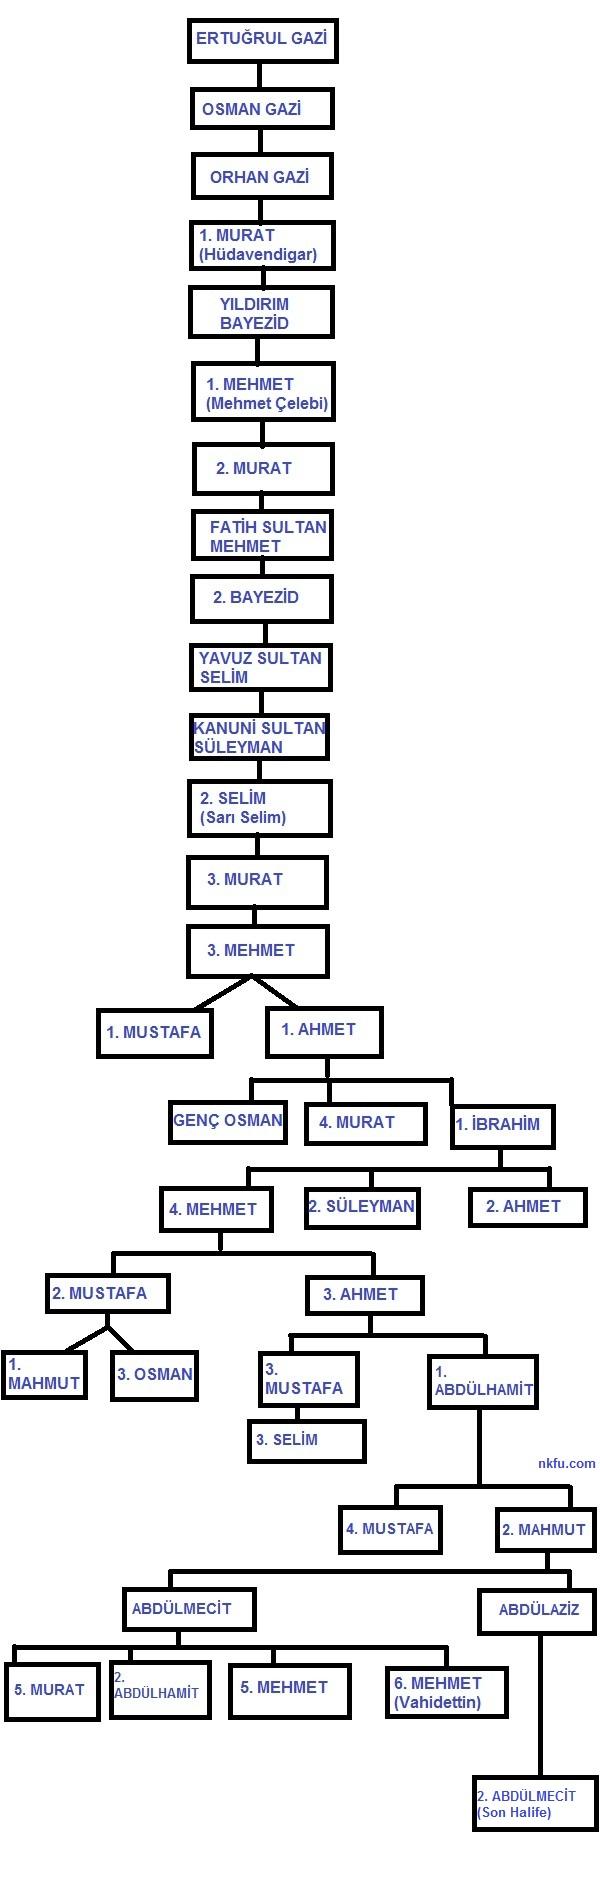 Osmanlı Sultanları Aile Soy Ağacı Osmanlı Devleti Padişah Seceresi 2